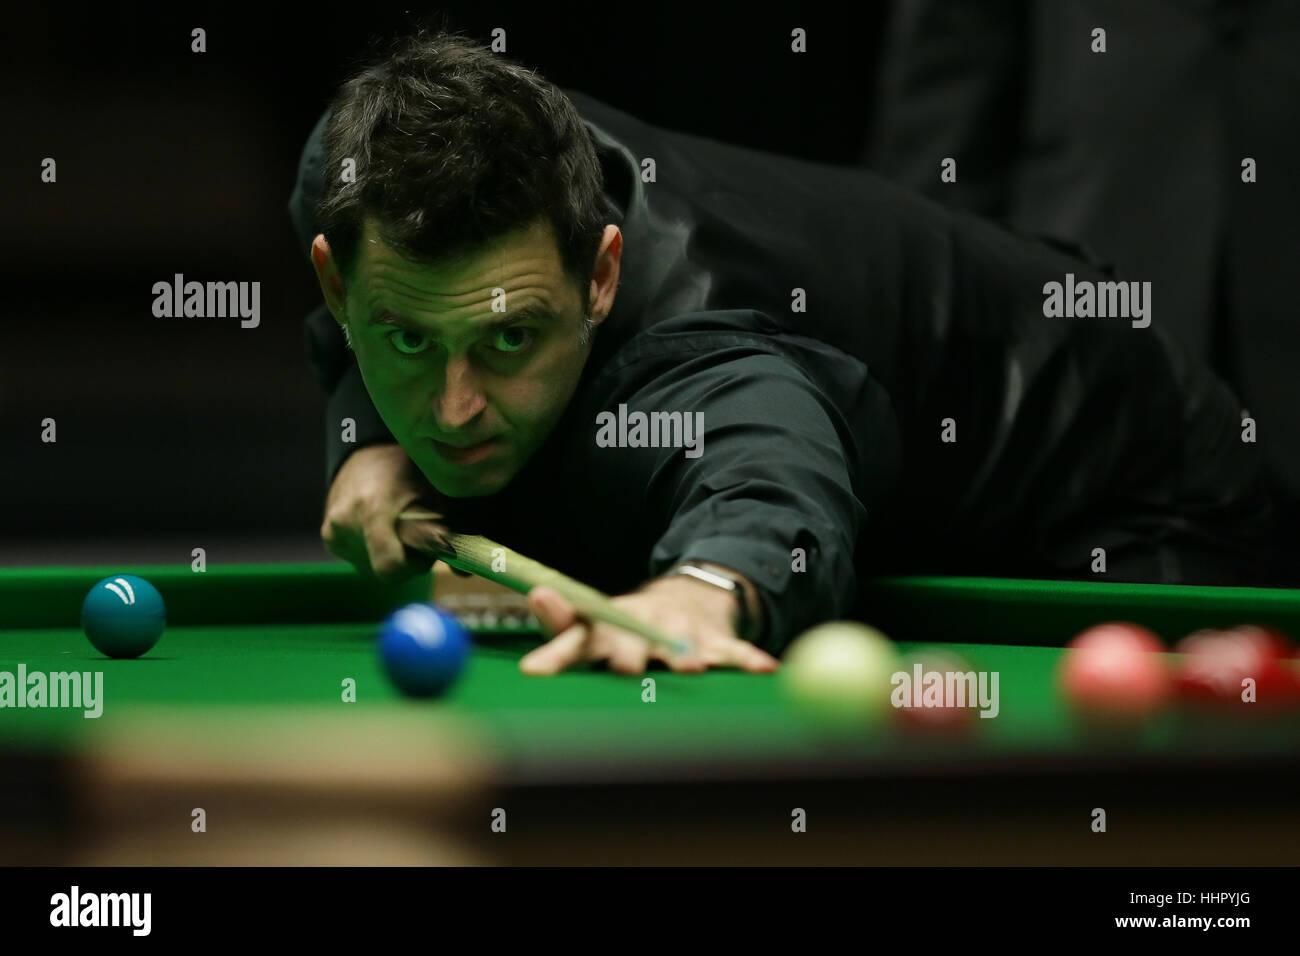 Londra, Regno Unito. Xix gen, 2017. Ronnie O'Sullivan di Inghilterra colpisce la sfera durante l'quarterfinal match Foto Stock